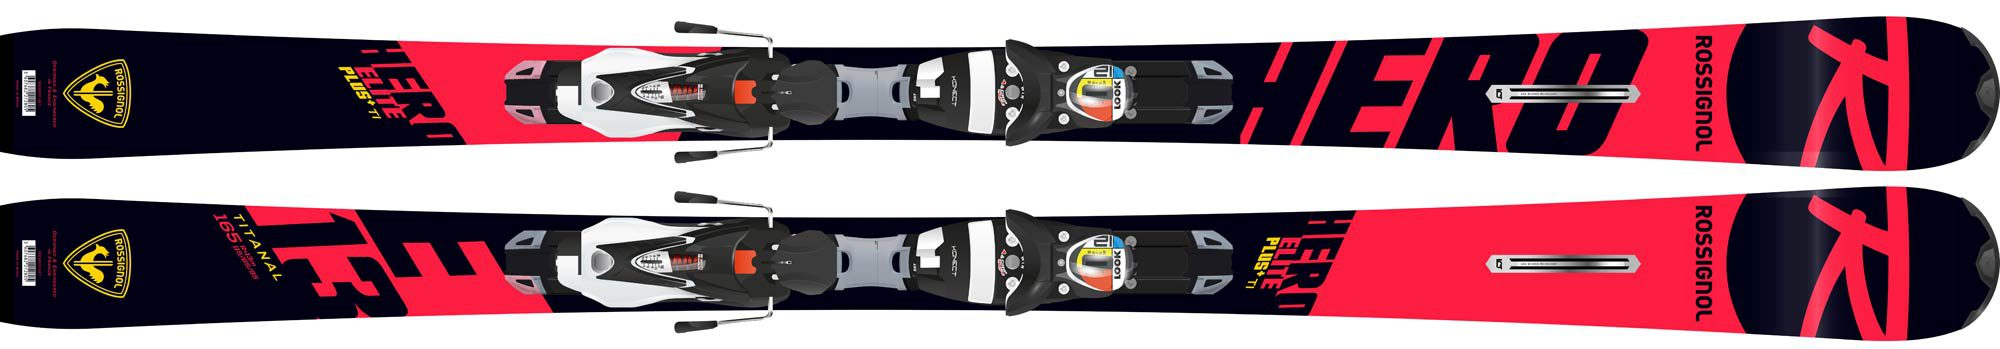 Rrh01lb Rahlb01 Hero Elite Plus Ti Konect Fchc006 Spx 12 Konect Dual B80 Black Icon Rvb72dpi E1529531914374